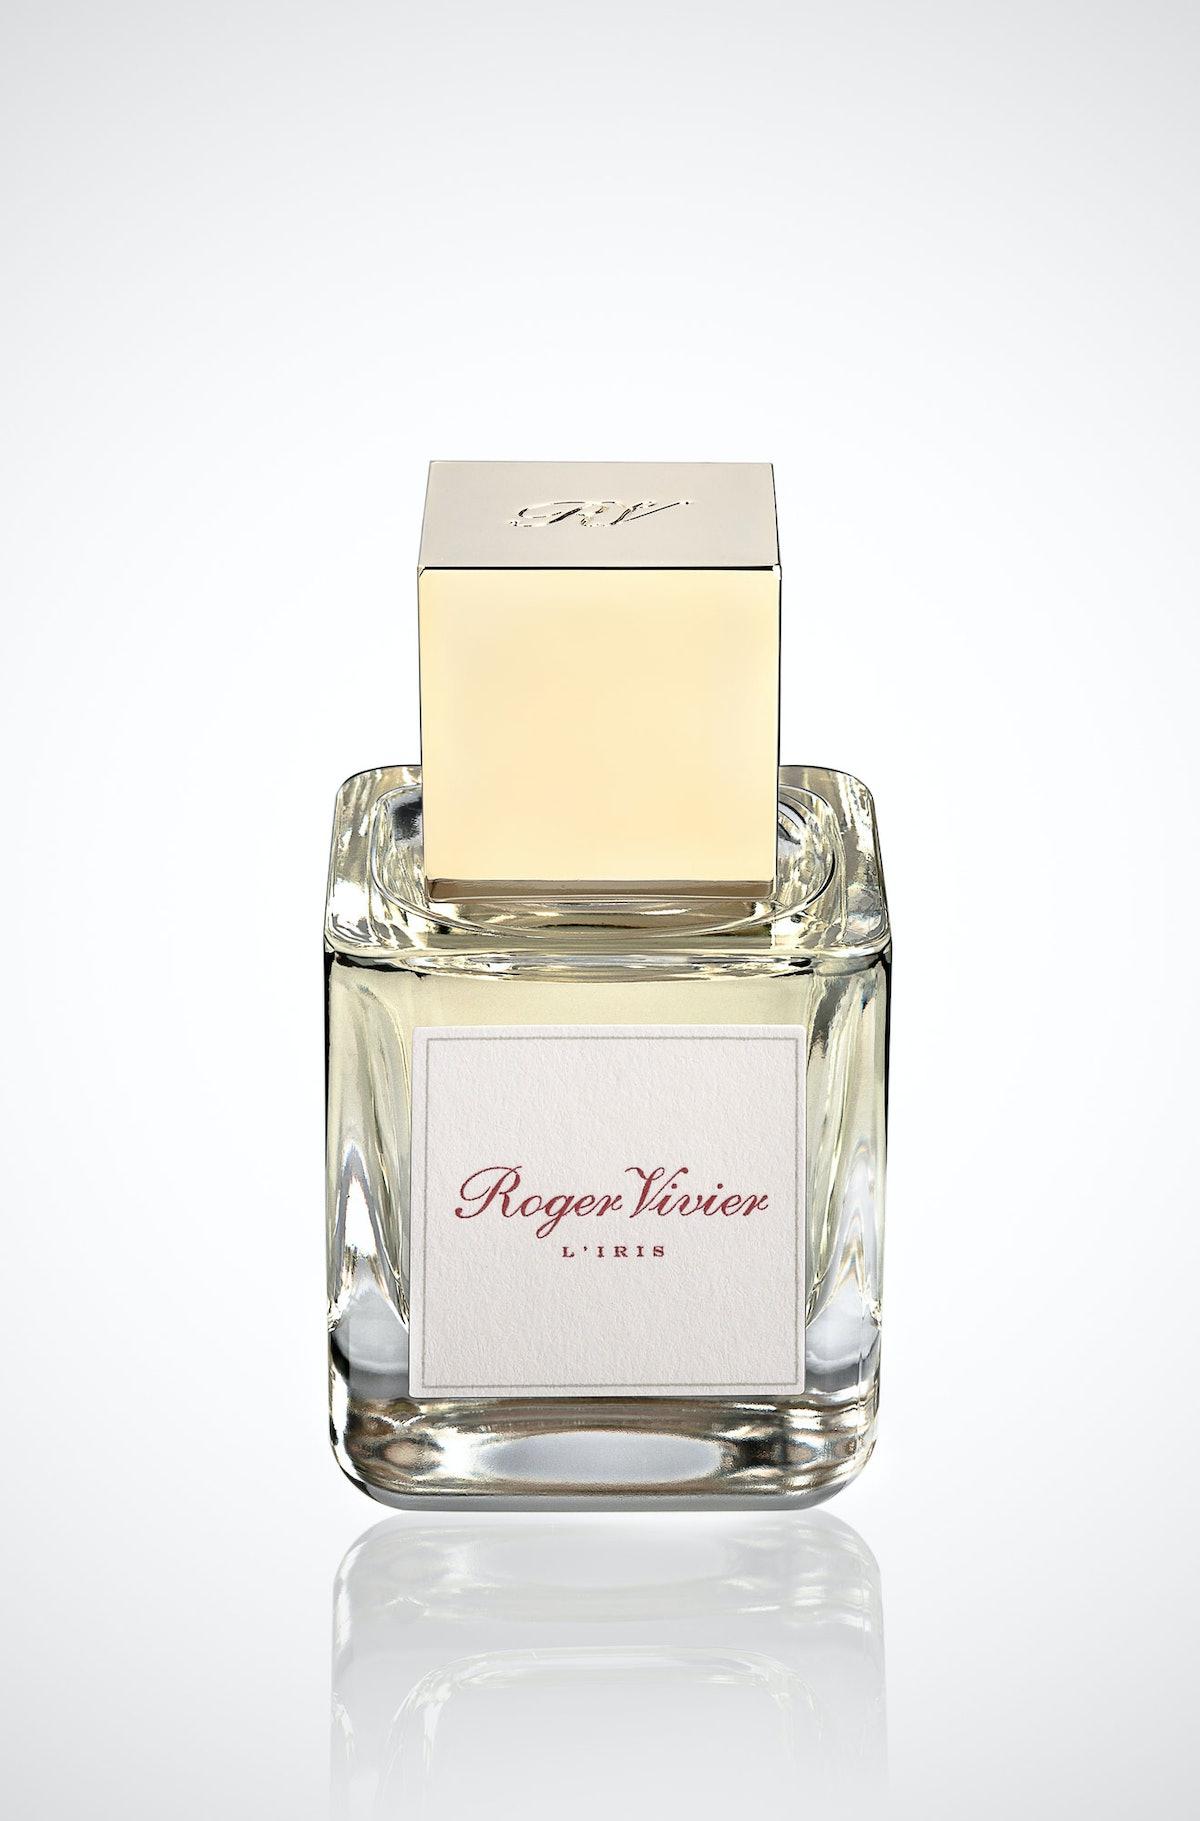 Roger Vivier Fragrance